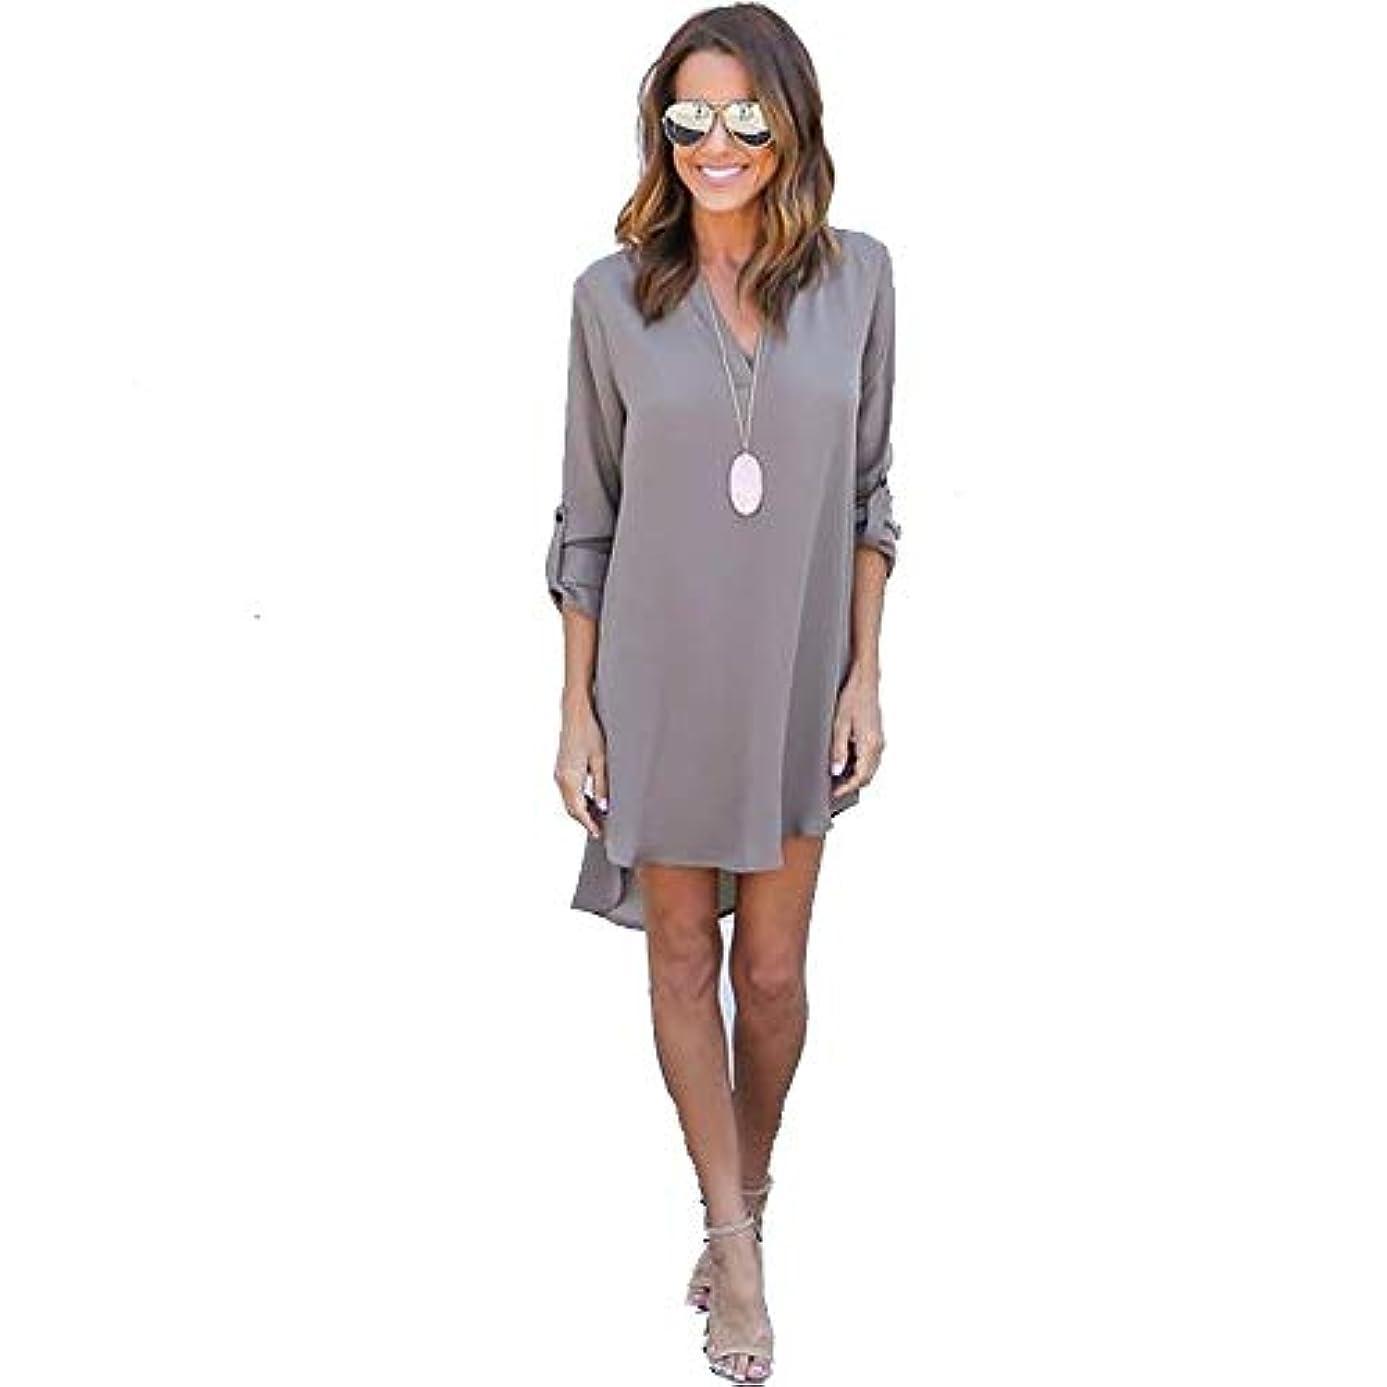 理論的私たちのもの便利MIFAN女性ドレス、シフォン、Vネック、無地、長袖、ゆったり、ミニドレス、Tシャツドレス